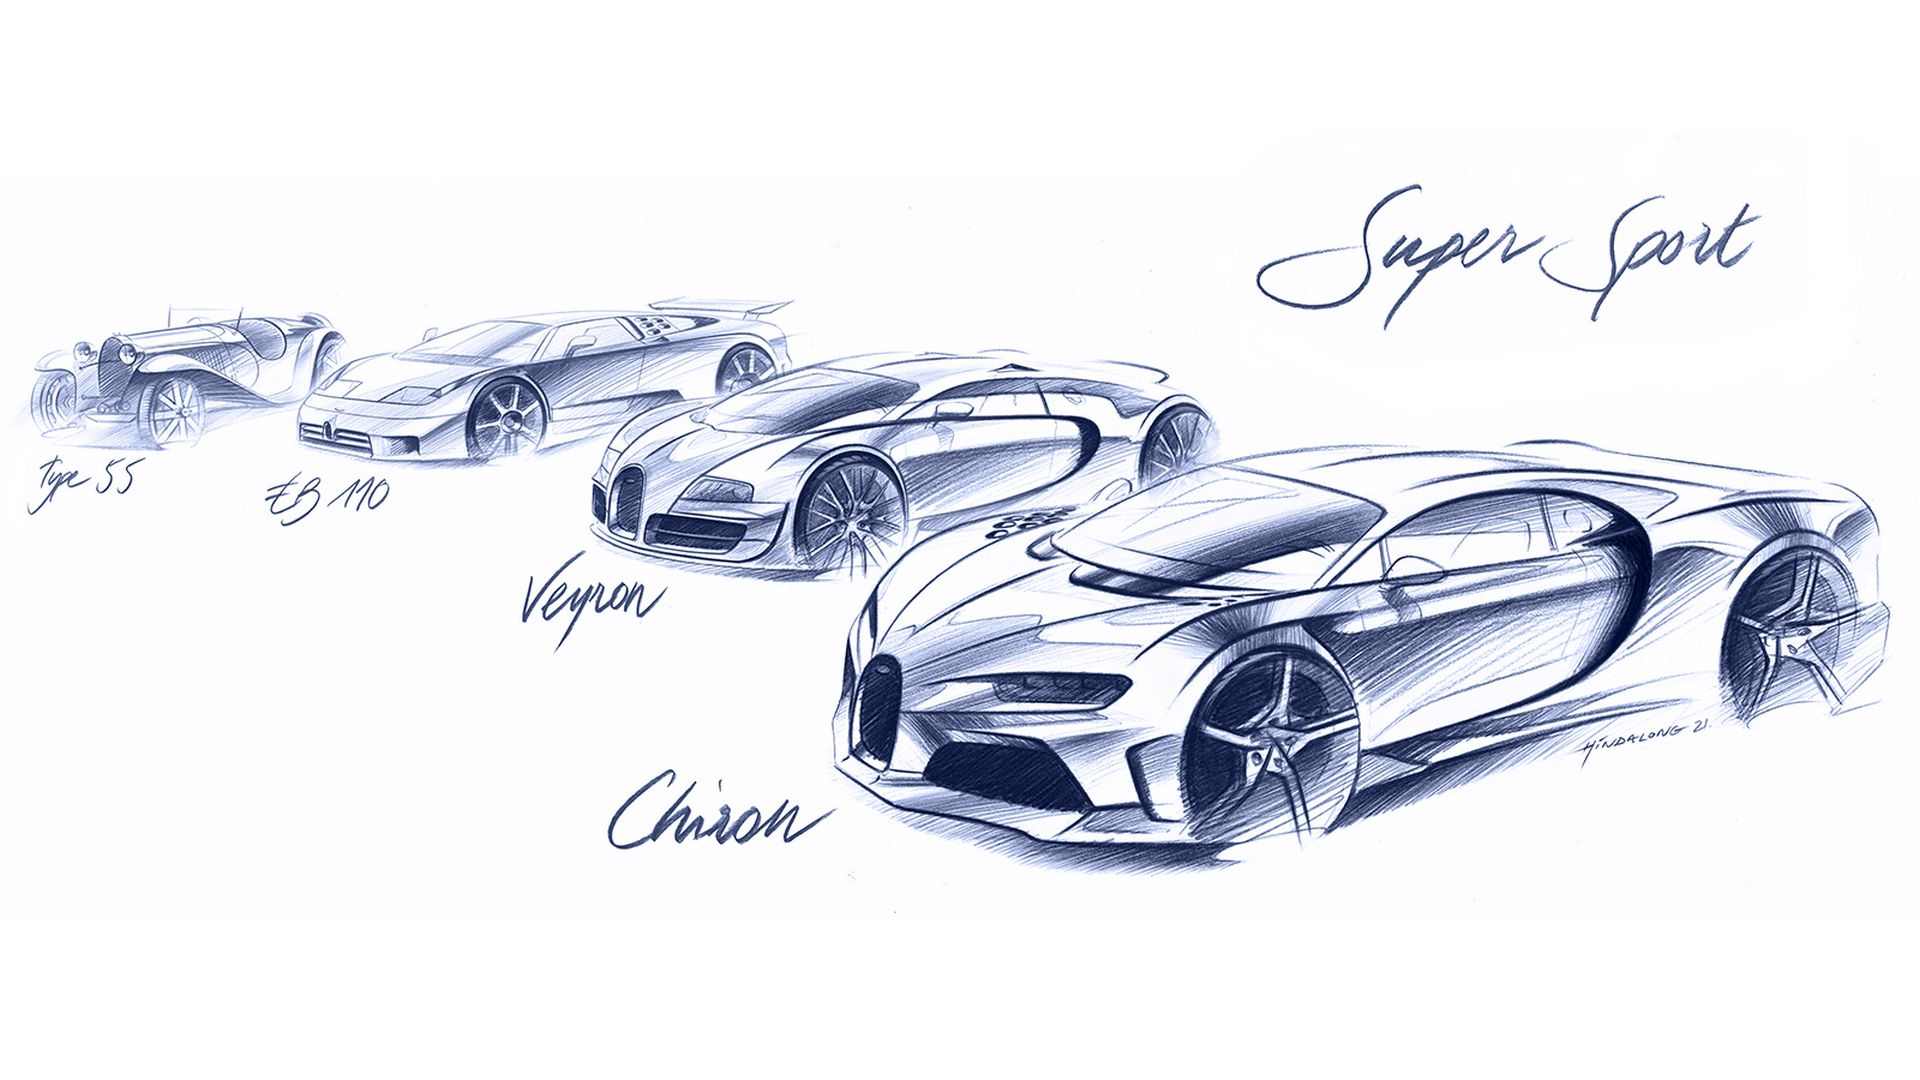 05-05_bugatti_chiron_super_sport_deisgn_sketch_generations